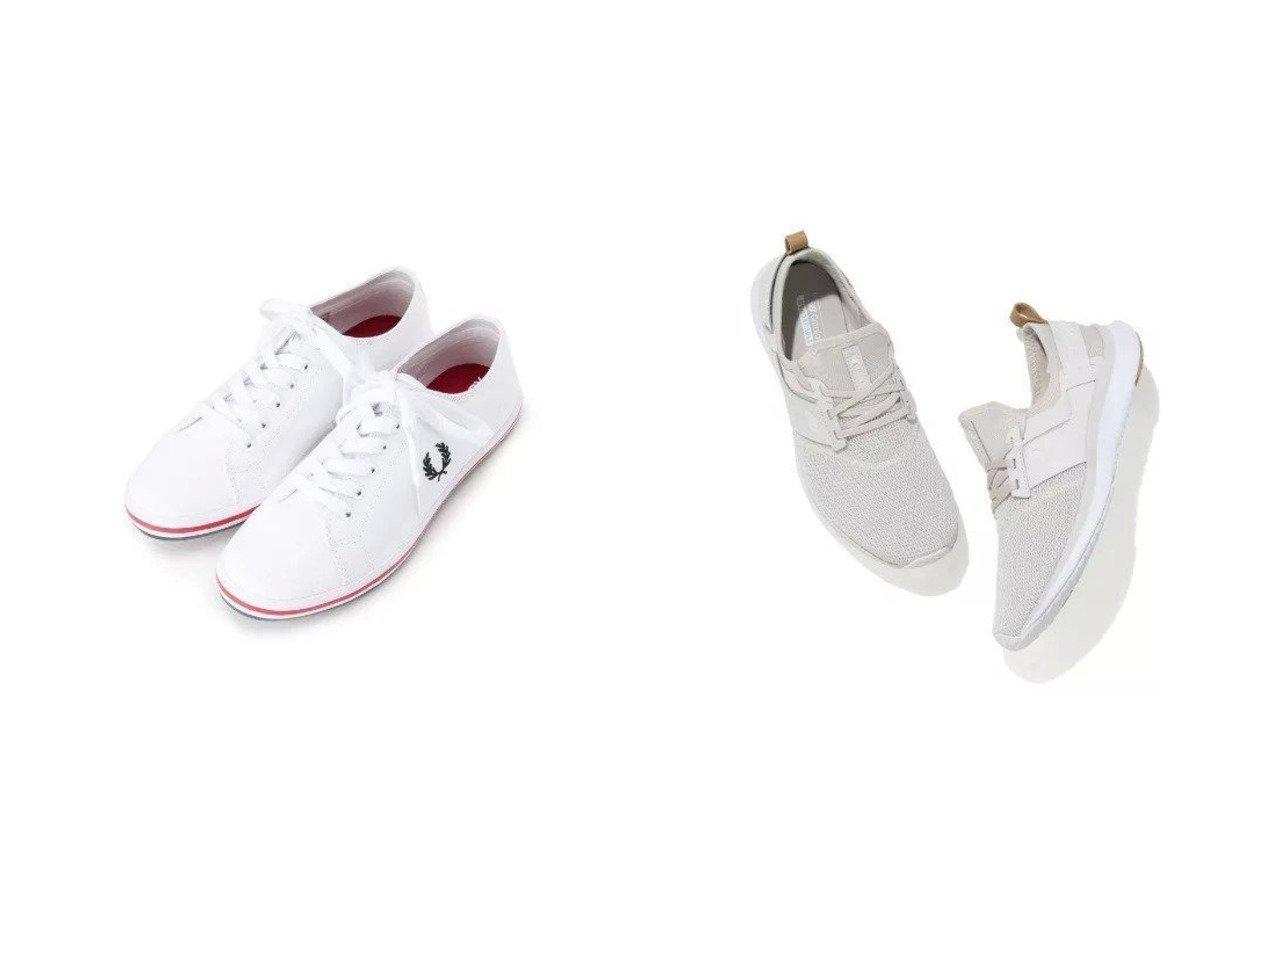 【ROPE' PICNIC/ロペピクニック】の【New Balance】NB NERGIZE SPORT W&【Dessin/デッサン】のFRED PERRY B7259 KINGSTON TWILL 【シューズ・靴】おすすめ!人気、トレンド・レディースファッションの通販 おすすめで人気の流行・トレンド、ファッションの通販商品 メンズファッション・キッズファッション・インテリア・家具・レディースファッション・服の通販 founy(ファニー) https://founy.com/ ファッション Fashion レディースファッション WOMEN クッション シューズ スニーカー スポーツ トラベル バランス フェミニン メッシュ 人気 軽量 リラックス  ID:crp329100000030402